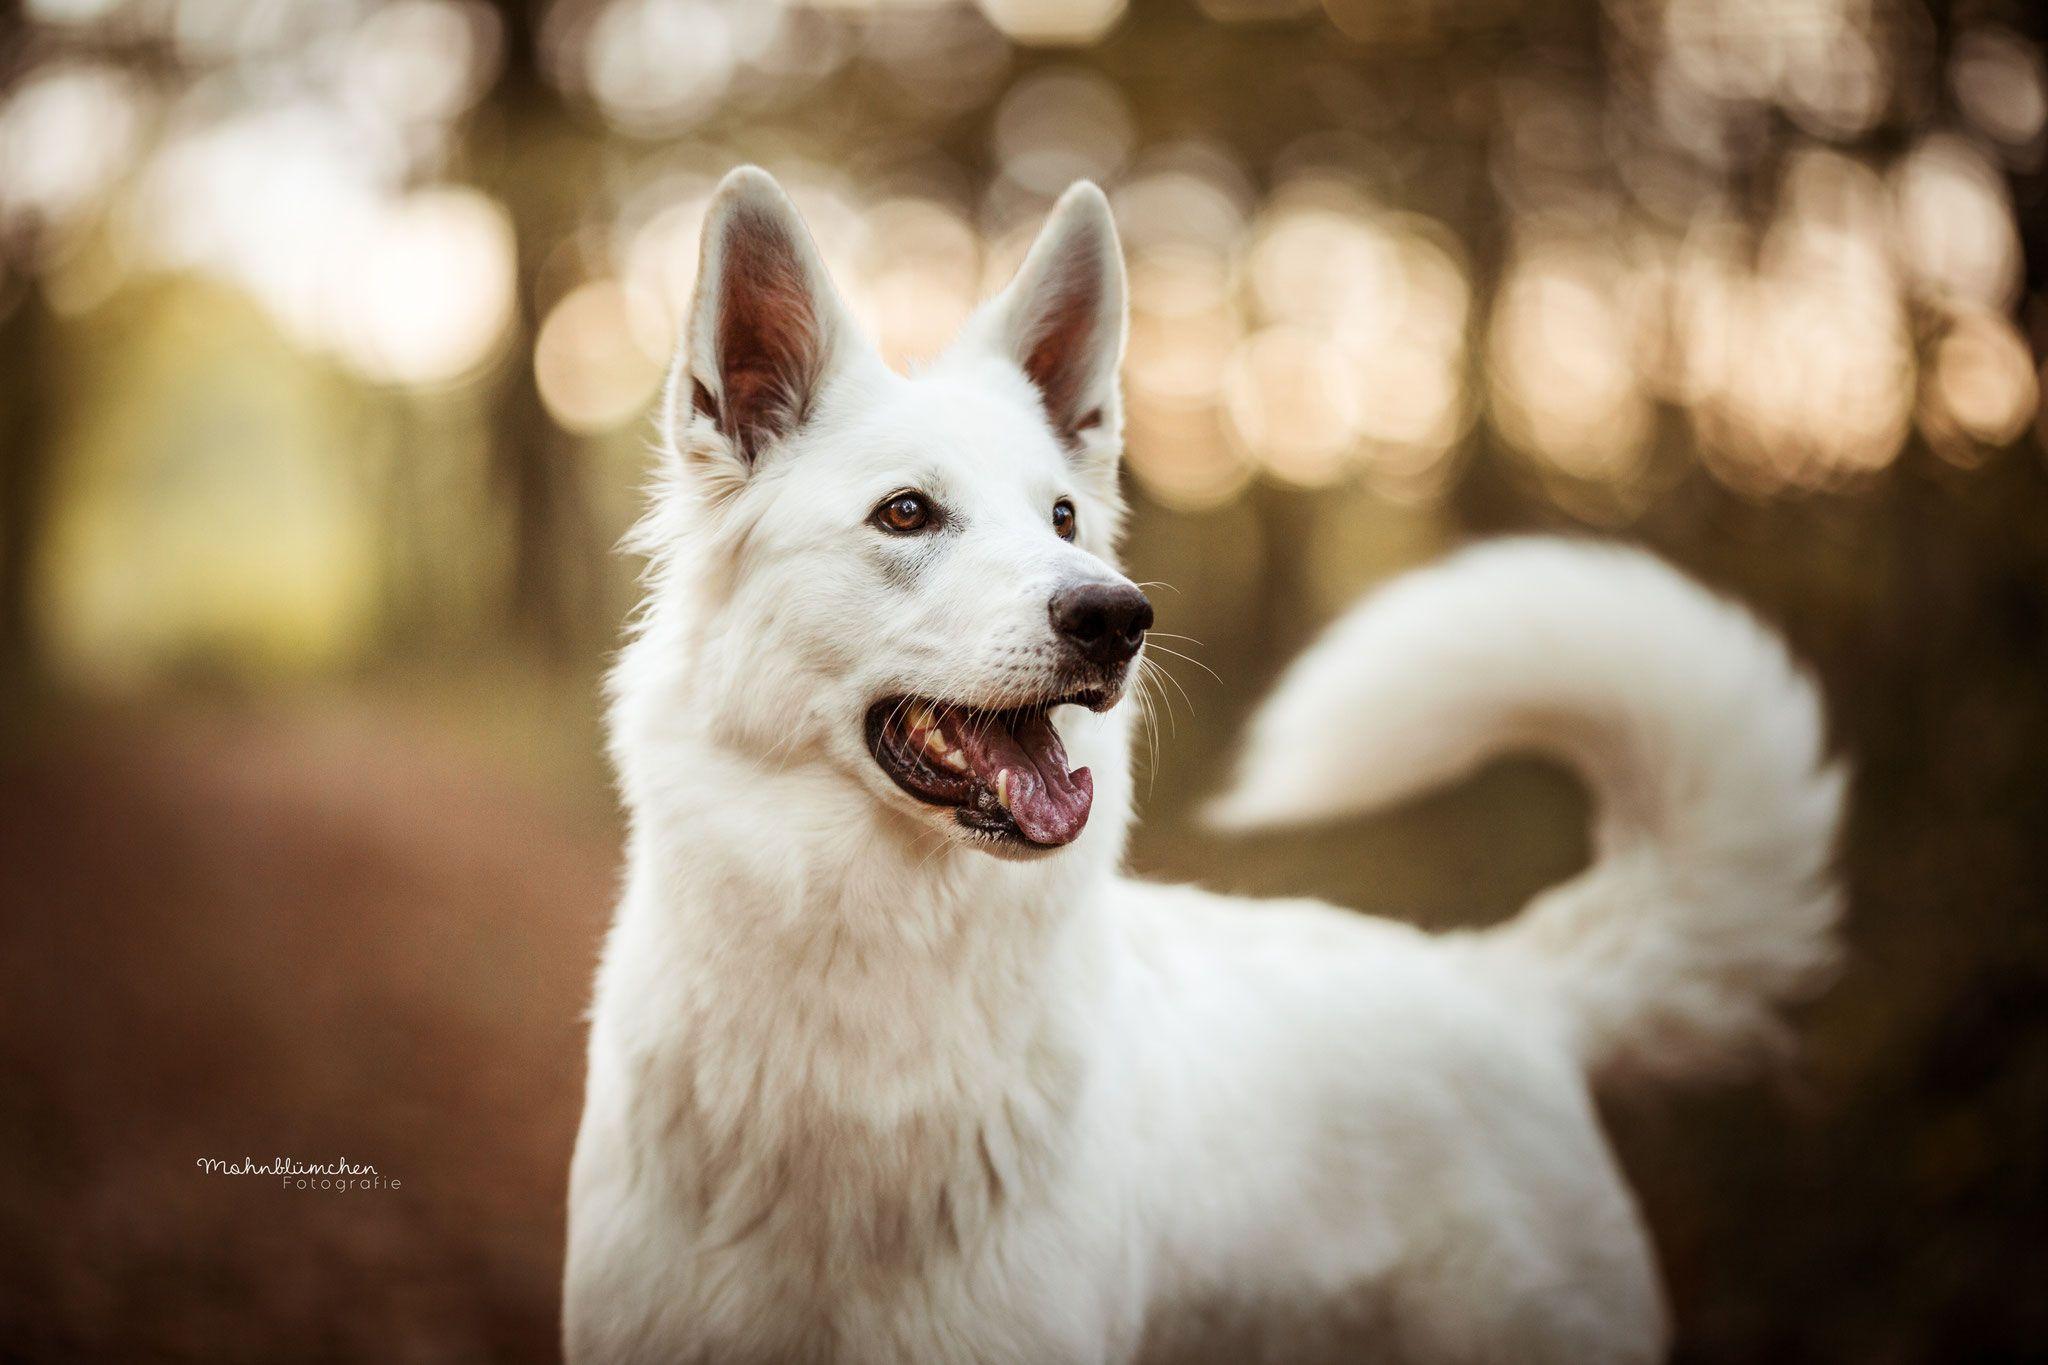 Pin Von Mohnblumchen Fotografie Auf Mohnblumchen Fotografie Tierfotografie Hunde Hundefotografie